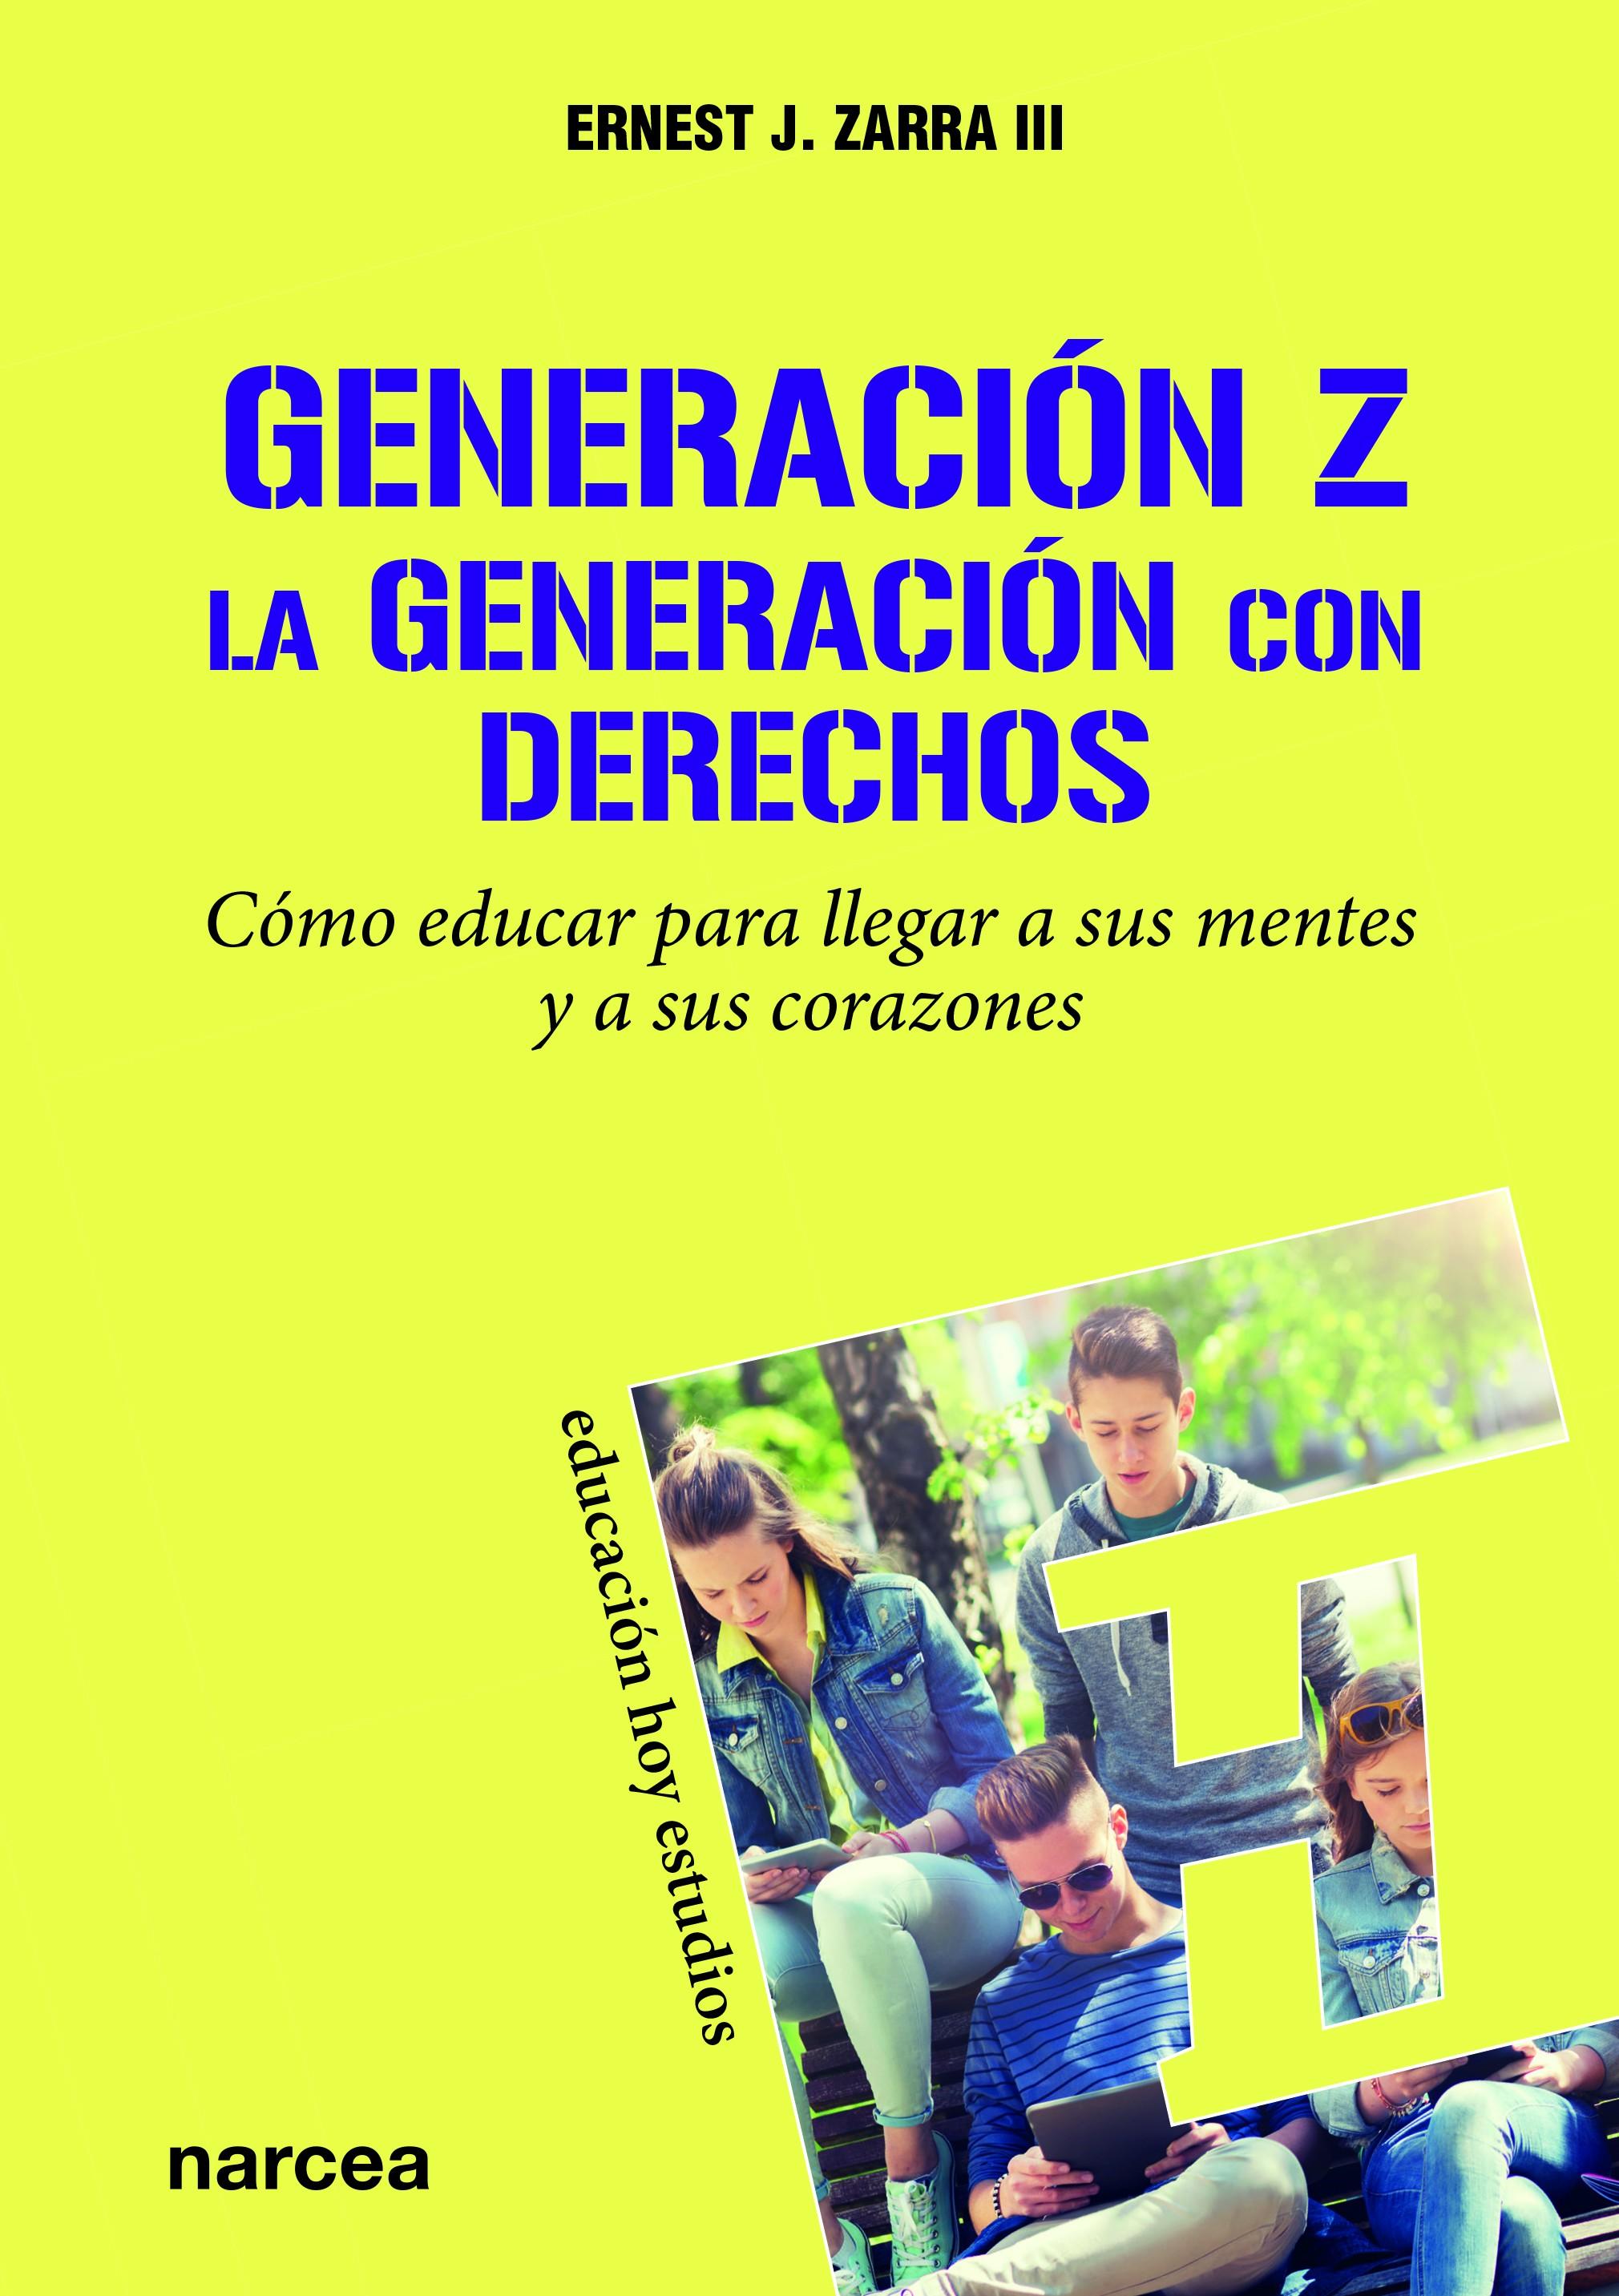 Generación Z. La Generación con derechos